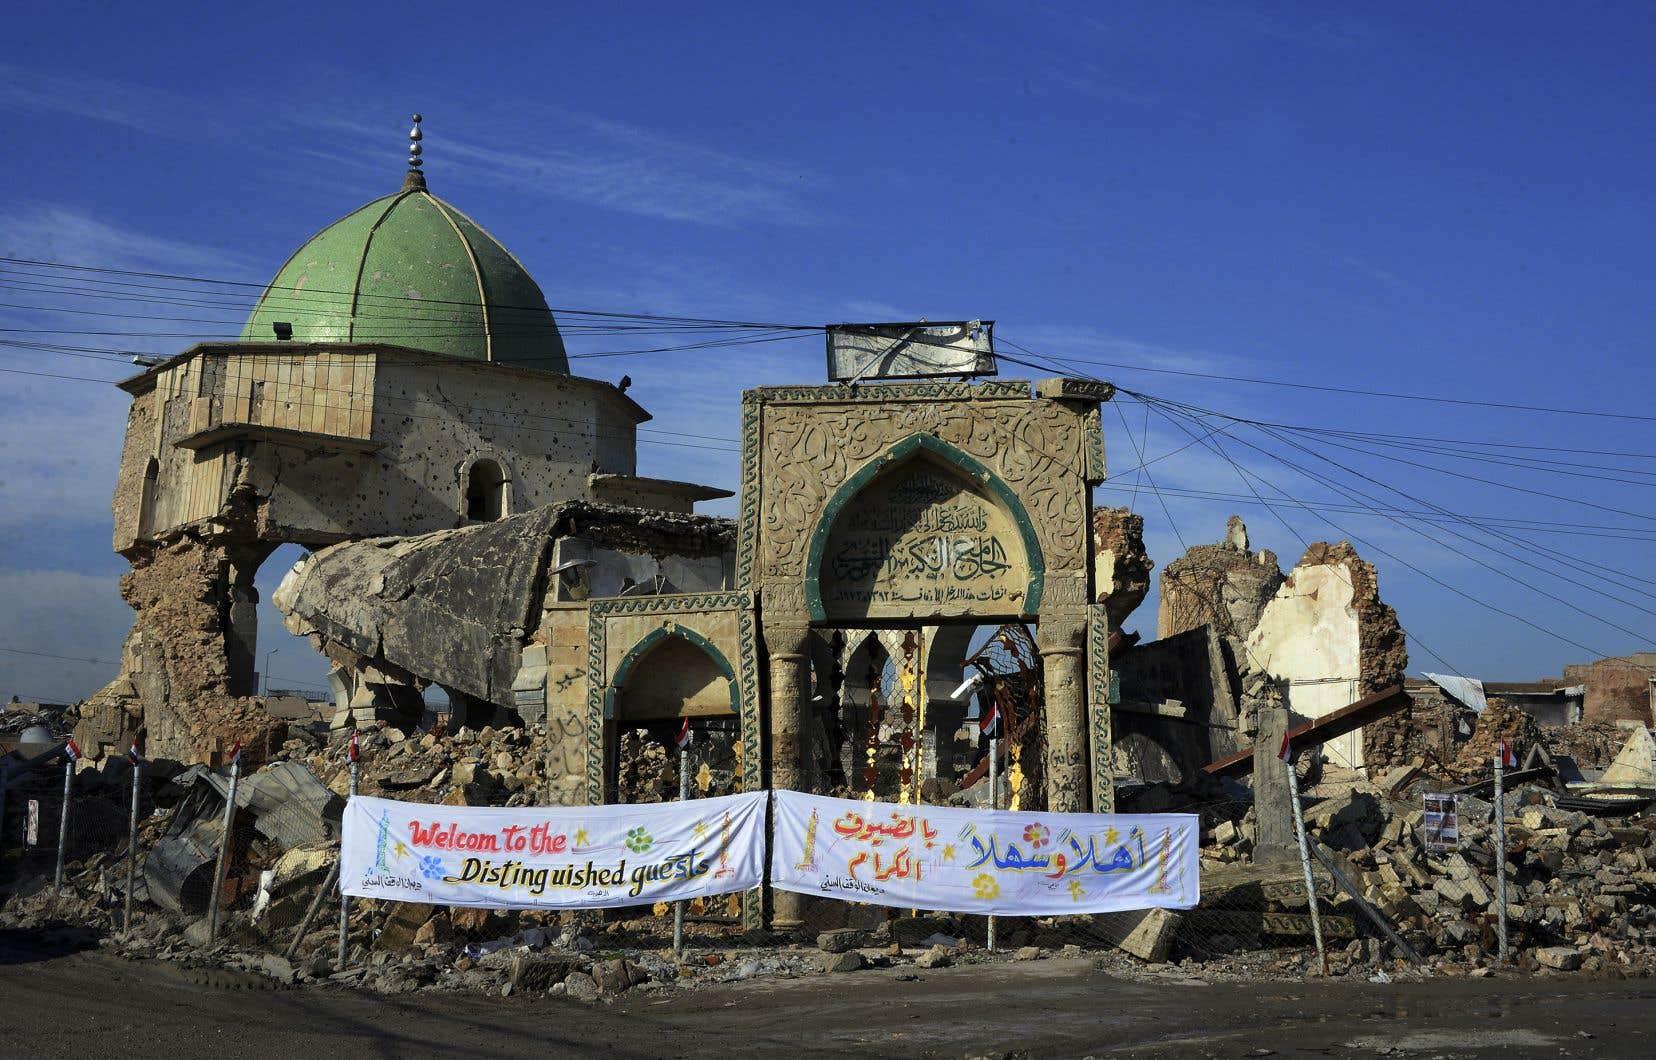 C'est dans cette mosquée que le «calife» autoproclamé du groupe EI, Abou Bakr al-Baghdadi, toujours introuvable, avait fait son unique apparition publique connue, en 2014.